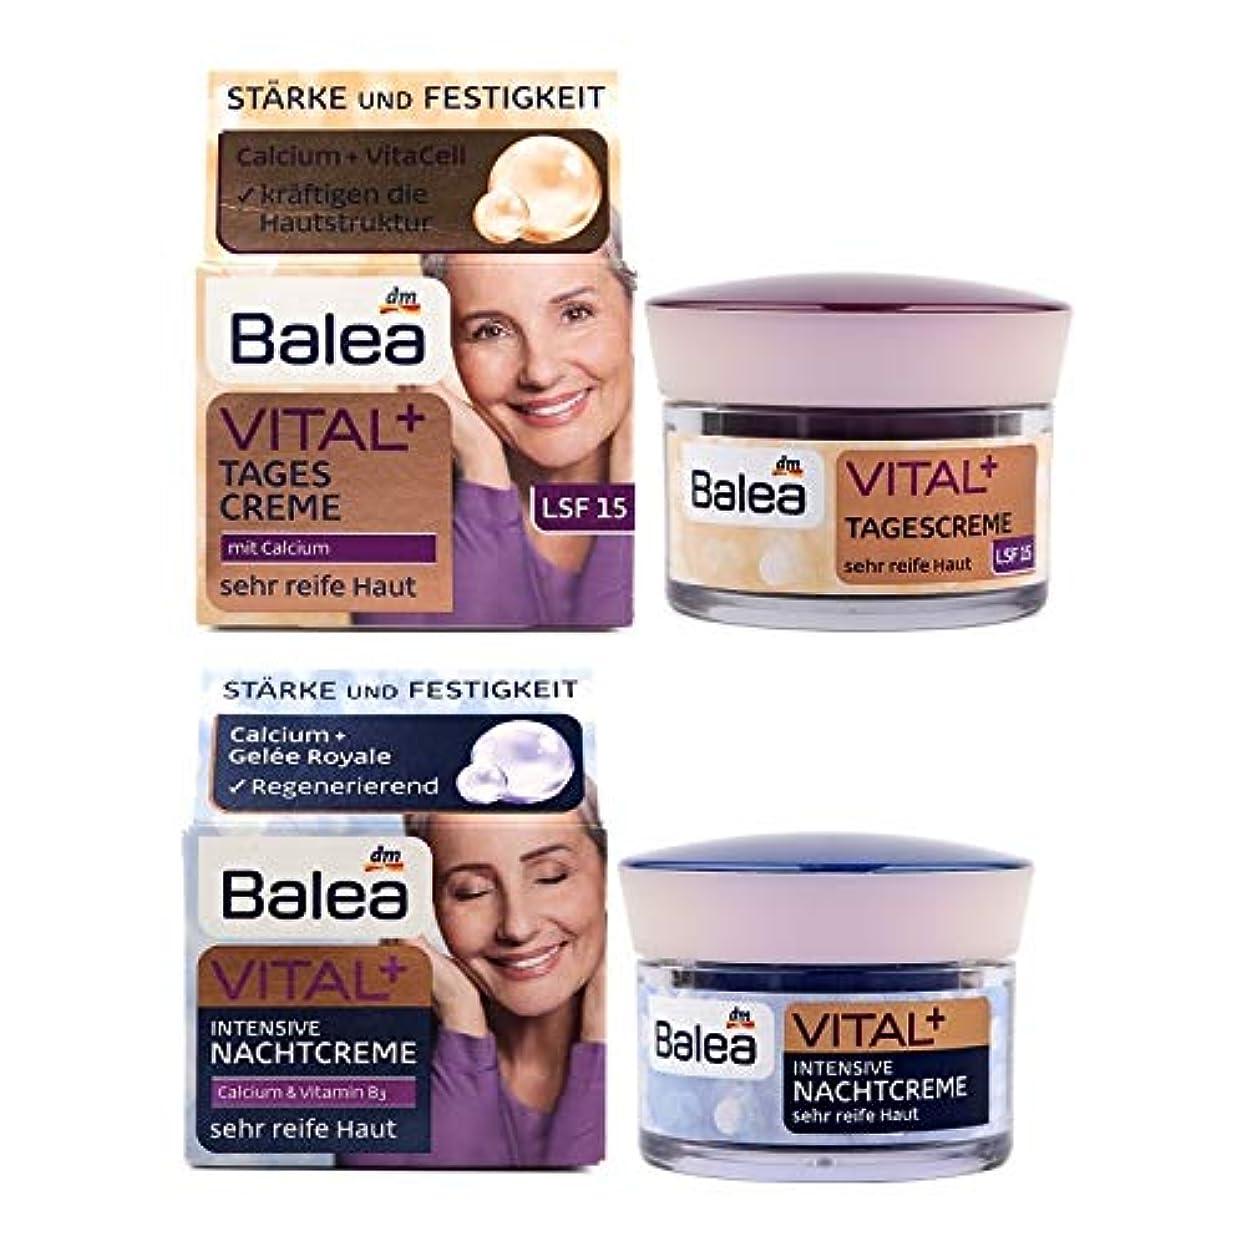 幹広々コテージアンチリンクルを70+する旧熟女年齢55+のためのBalea VITAL +デイクリーム+ナイトクリーム弾性ファーミングを強化